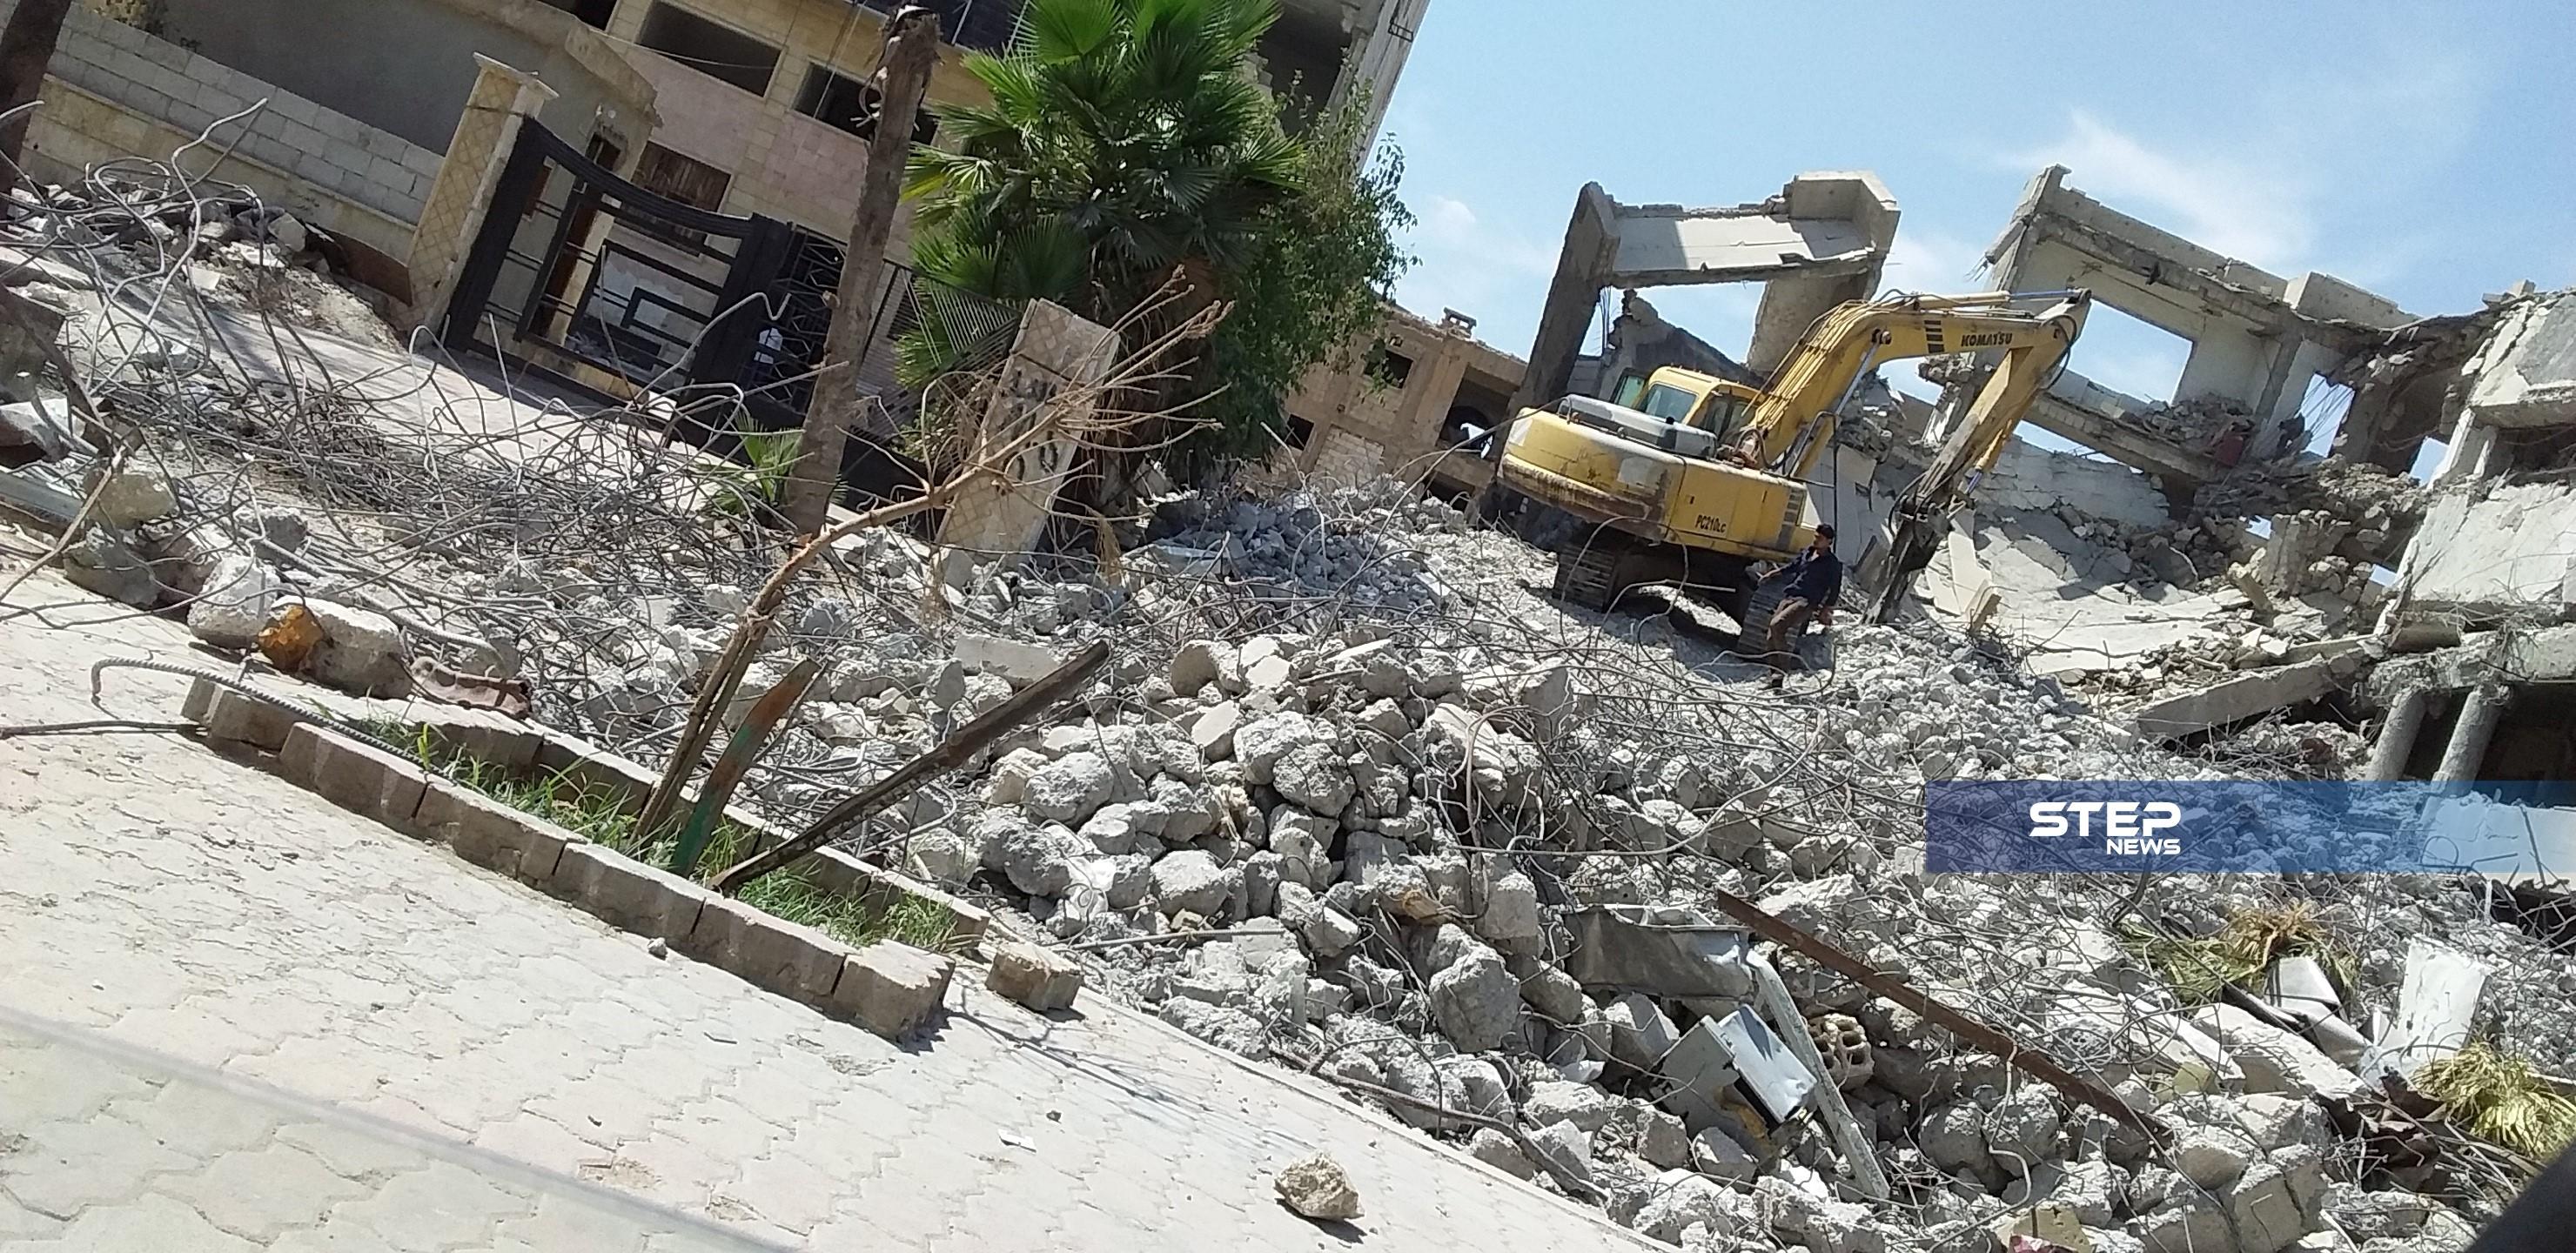 ميليشيا قسد تبدأ بإزالة الأنقاض والركام عن المباني الحكومية بمدينة الرقة بهدف سرقة الحديد